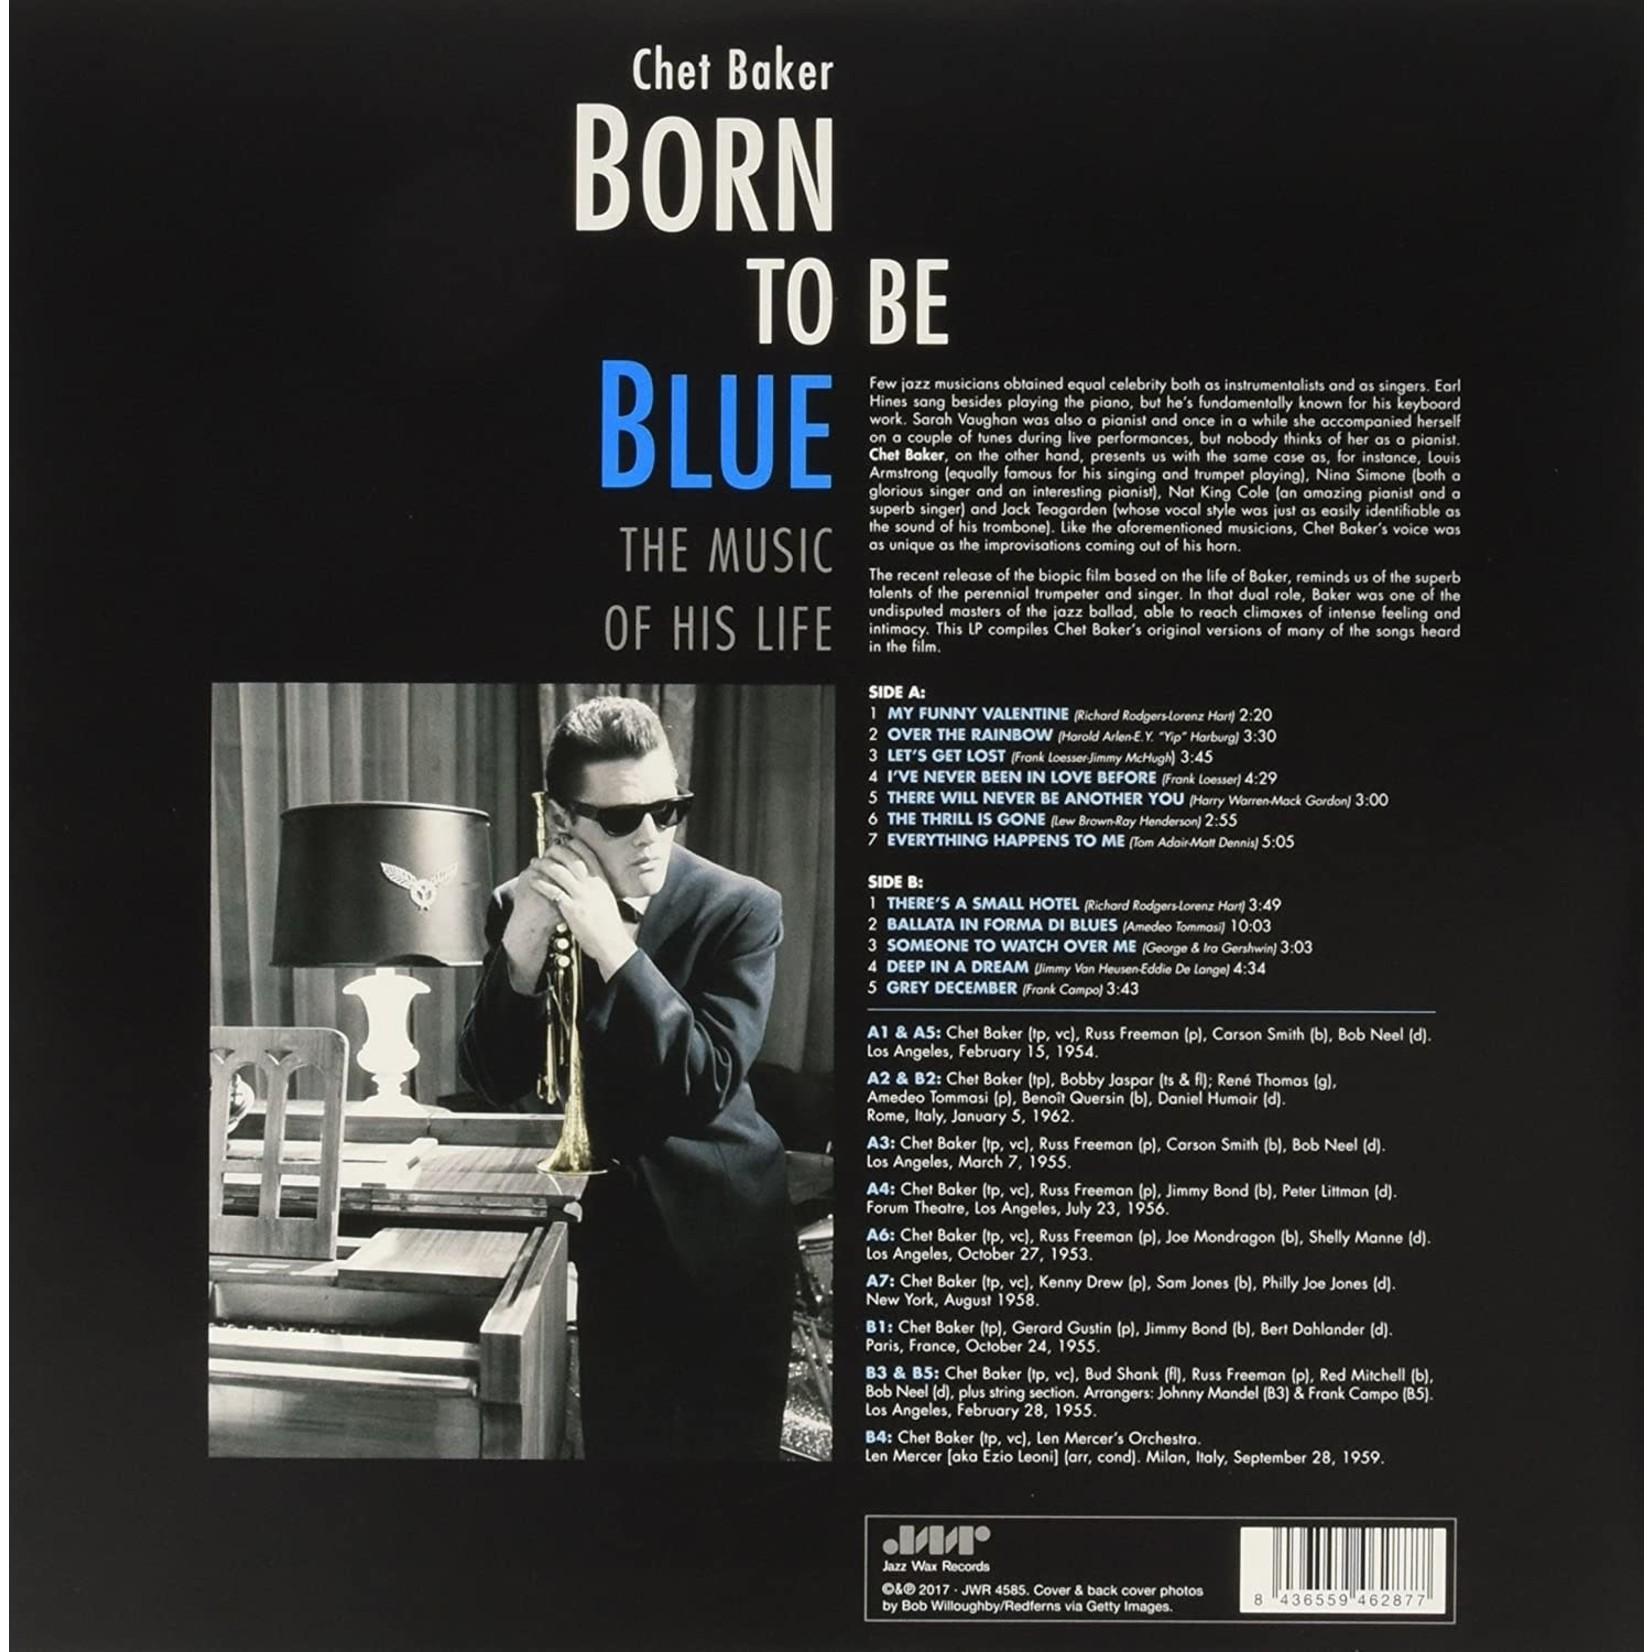 CHET BAKER BORN TO BE BLUE